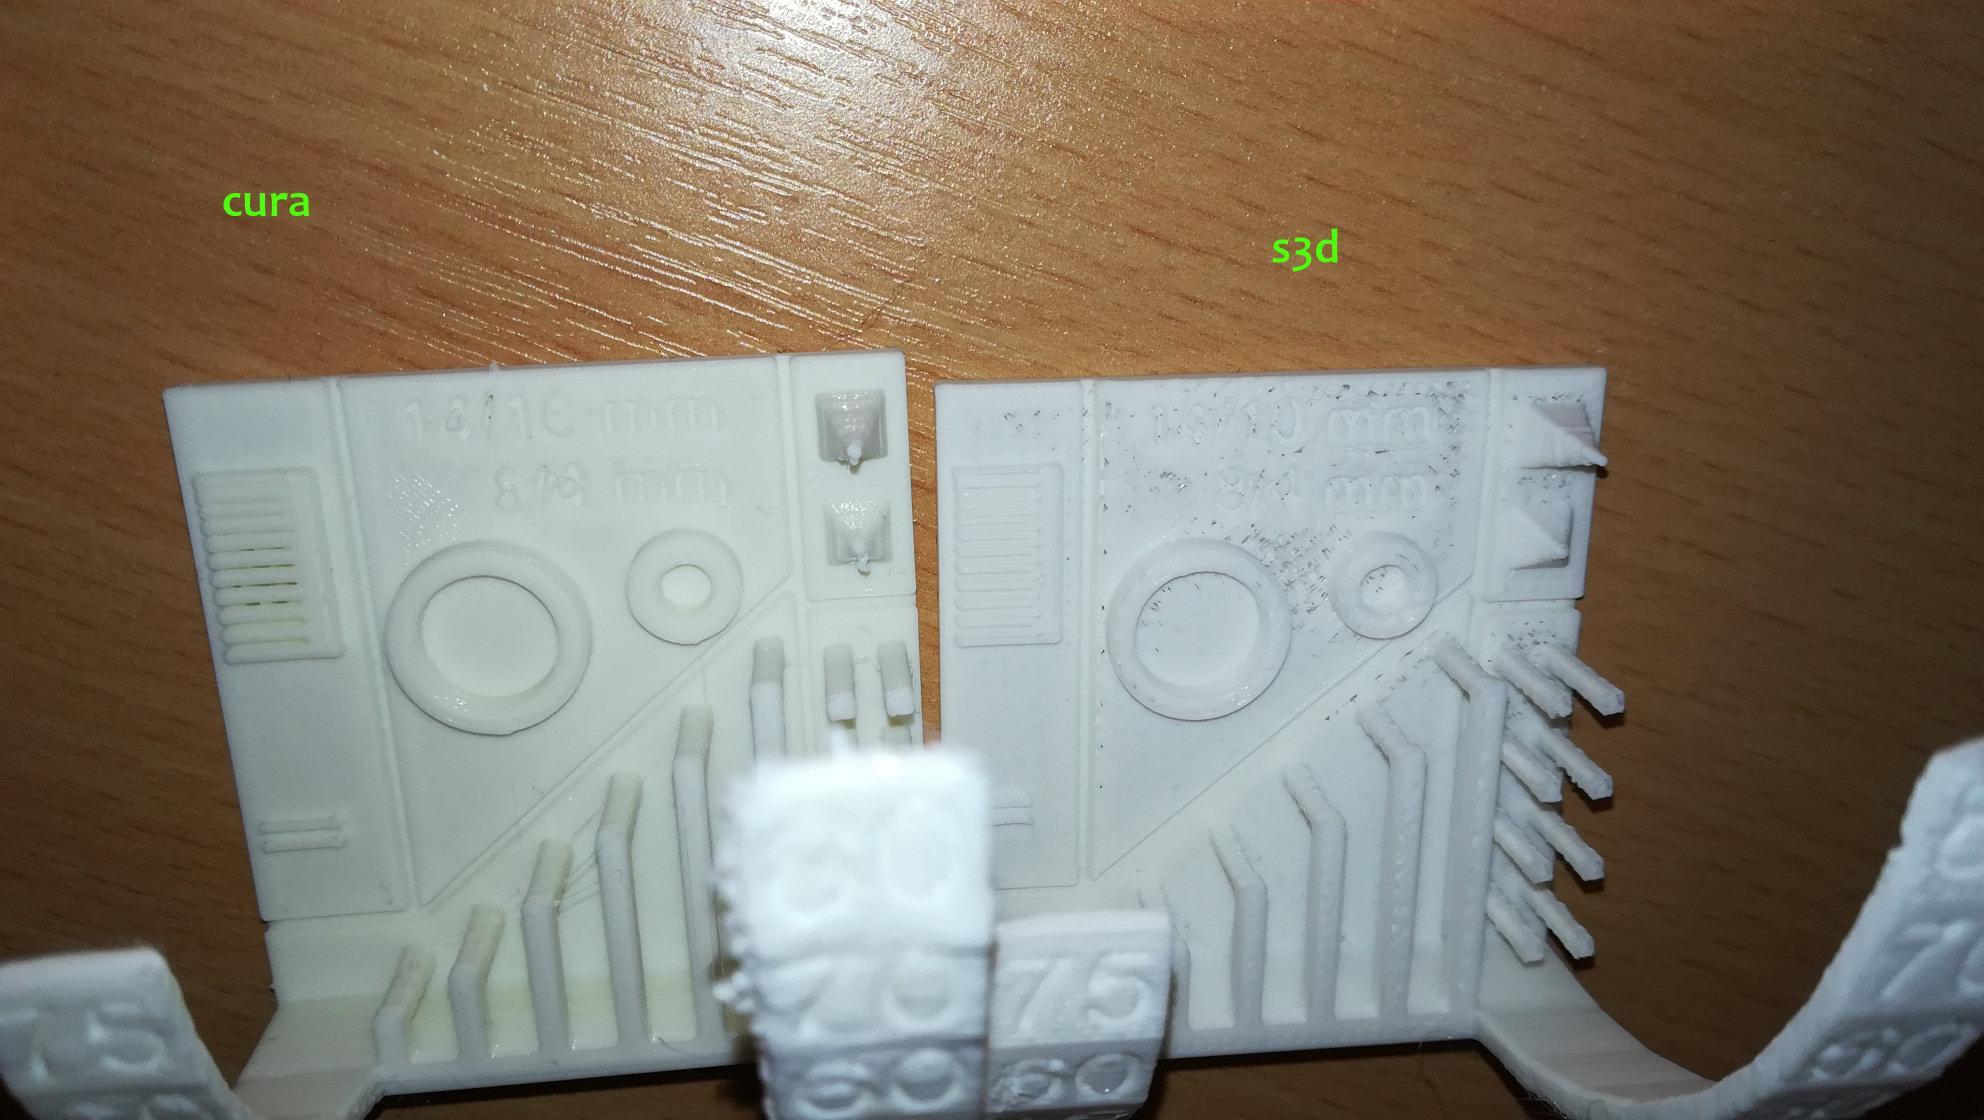 simplify3d] Essais Simplify 3D par rapport à Cura